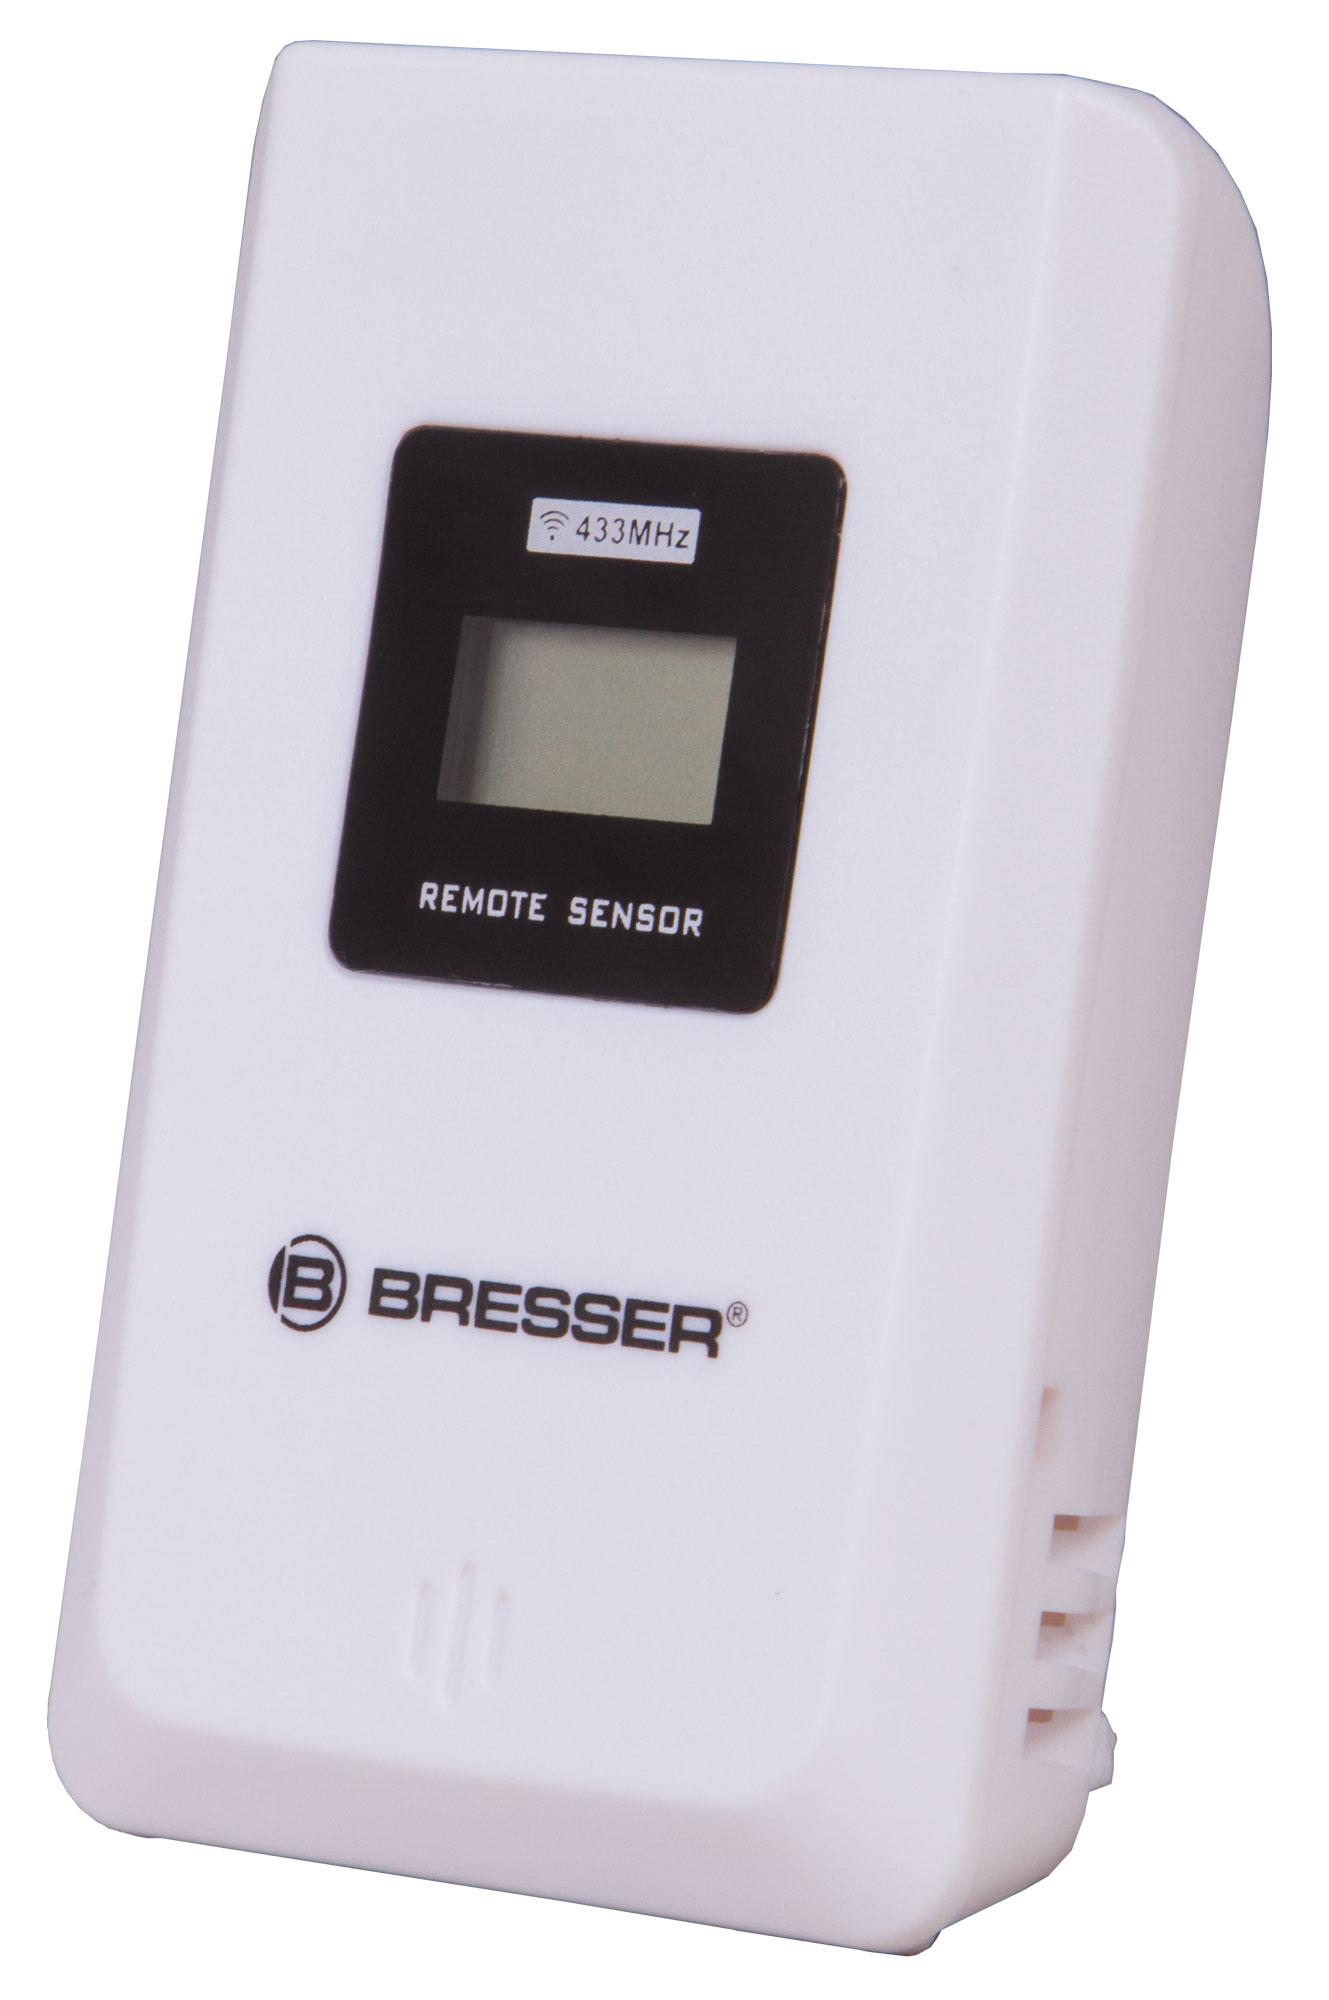 Картинка для Датчик внешний Bresser (Брессер) для метеостанций, трехканальный